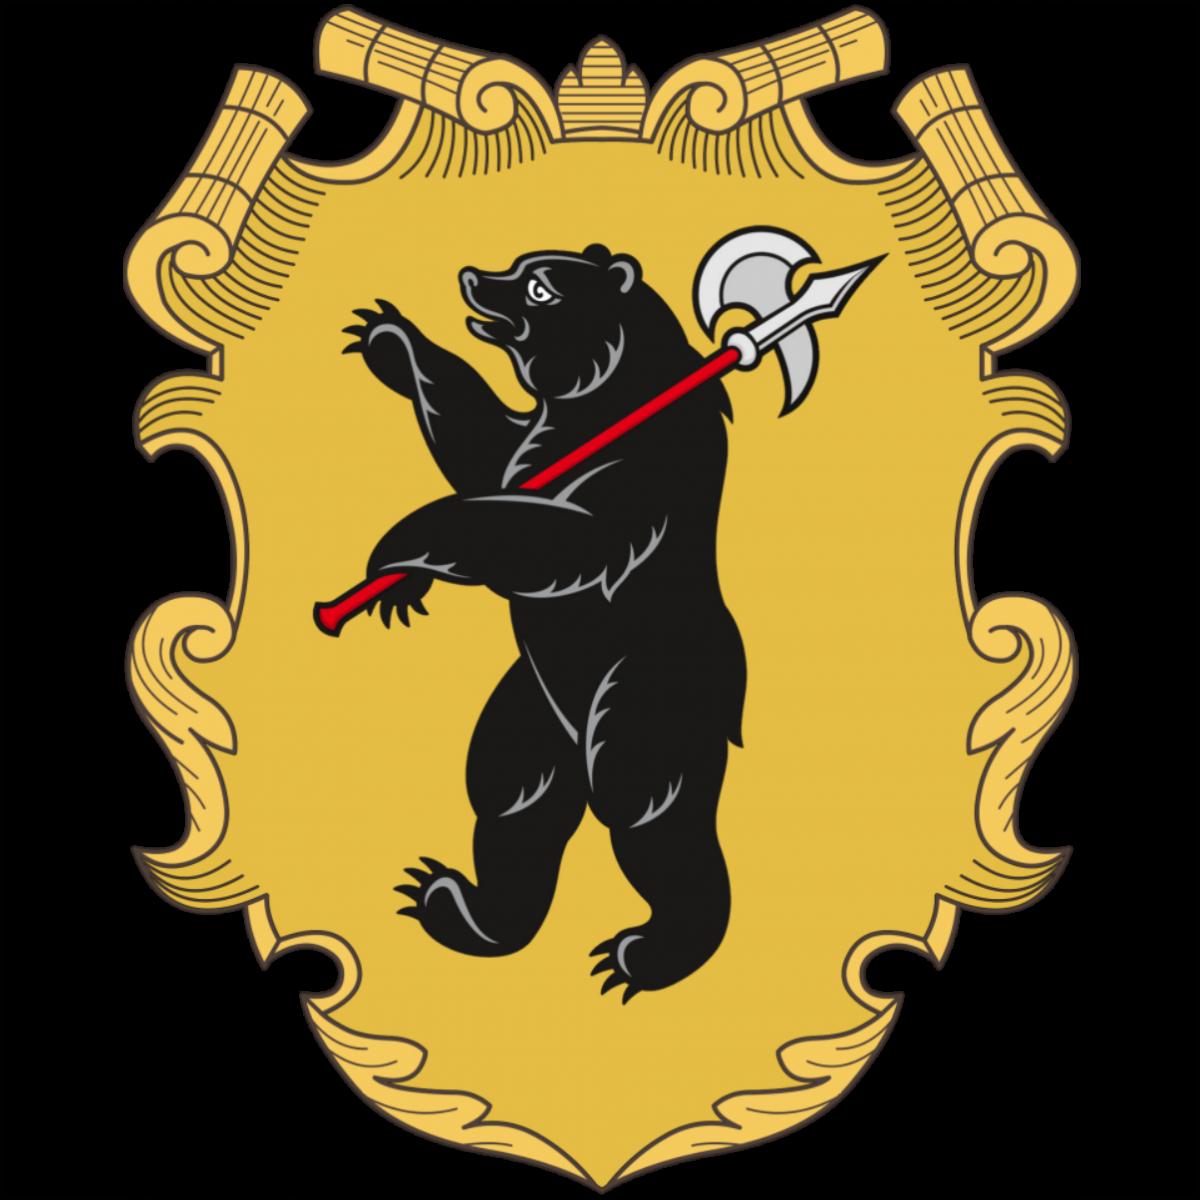 г. Ярославль 8-10 января 2022 г.